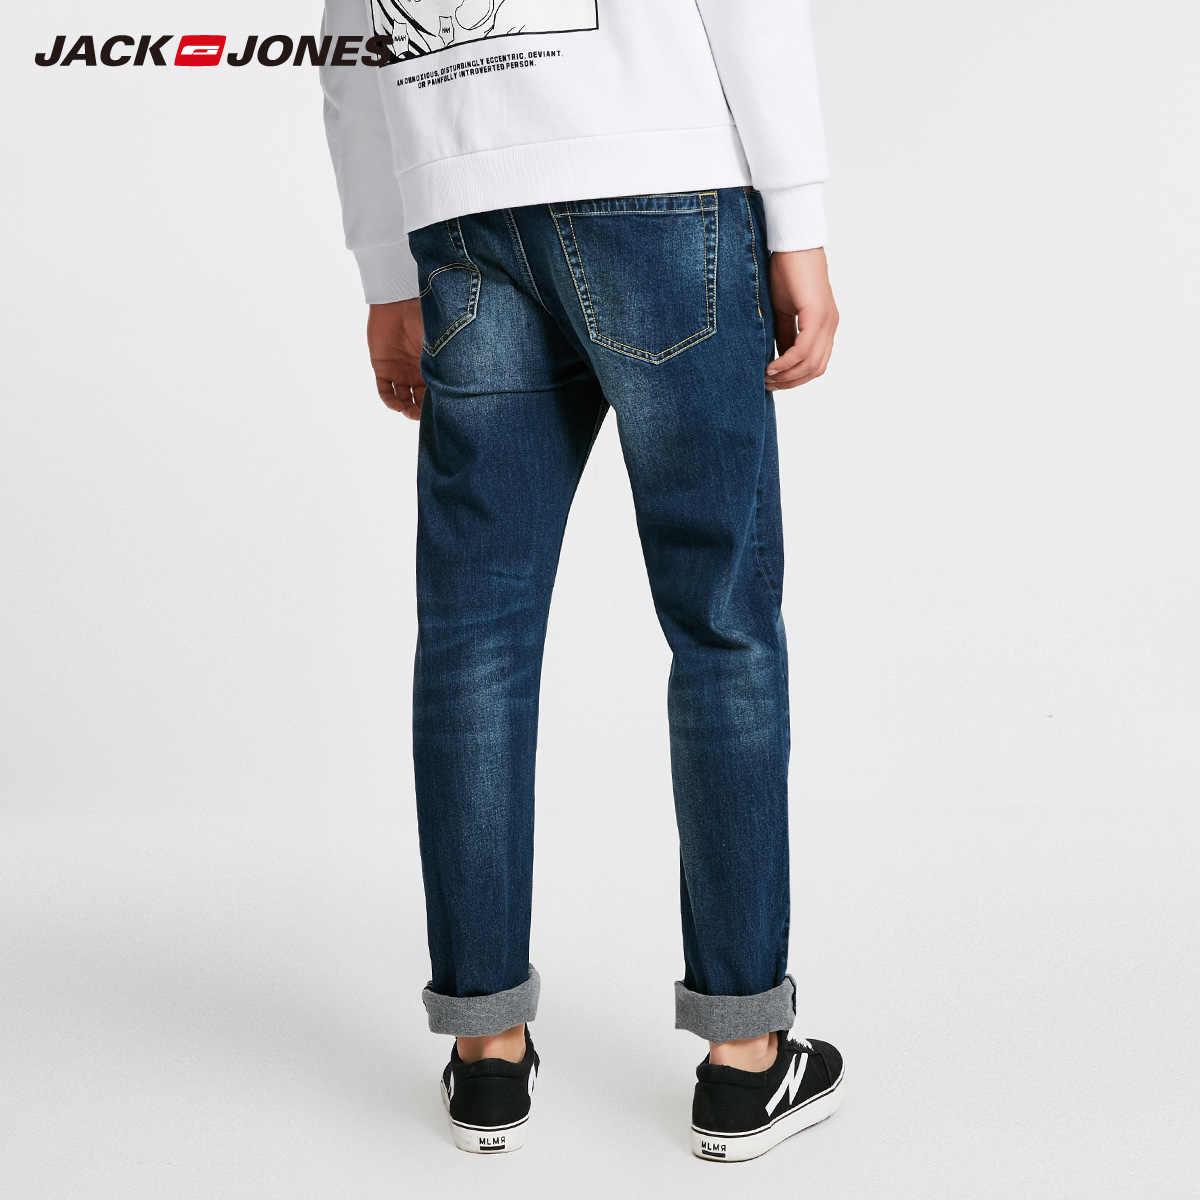 Jack Jones męskie ciepłe bawełniane solidne proste spodnie jeansowe jeansy dla motocyklistów | 218432505